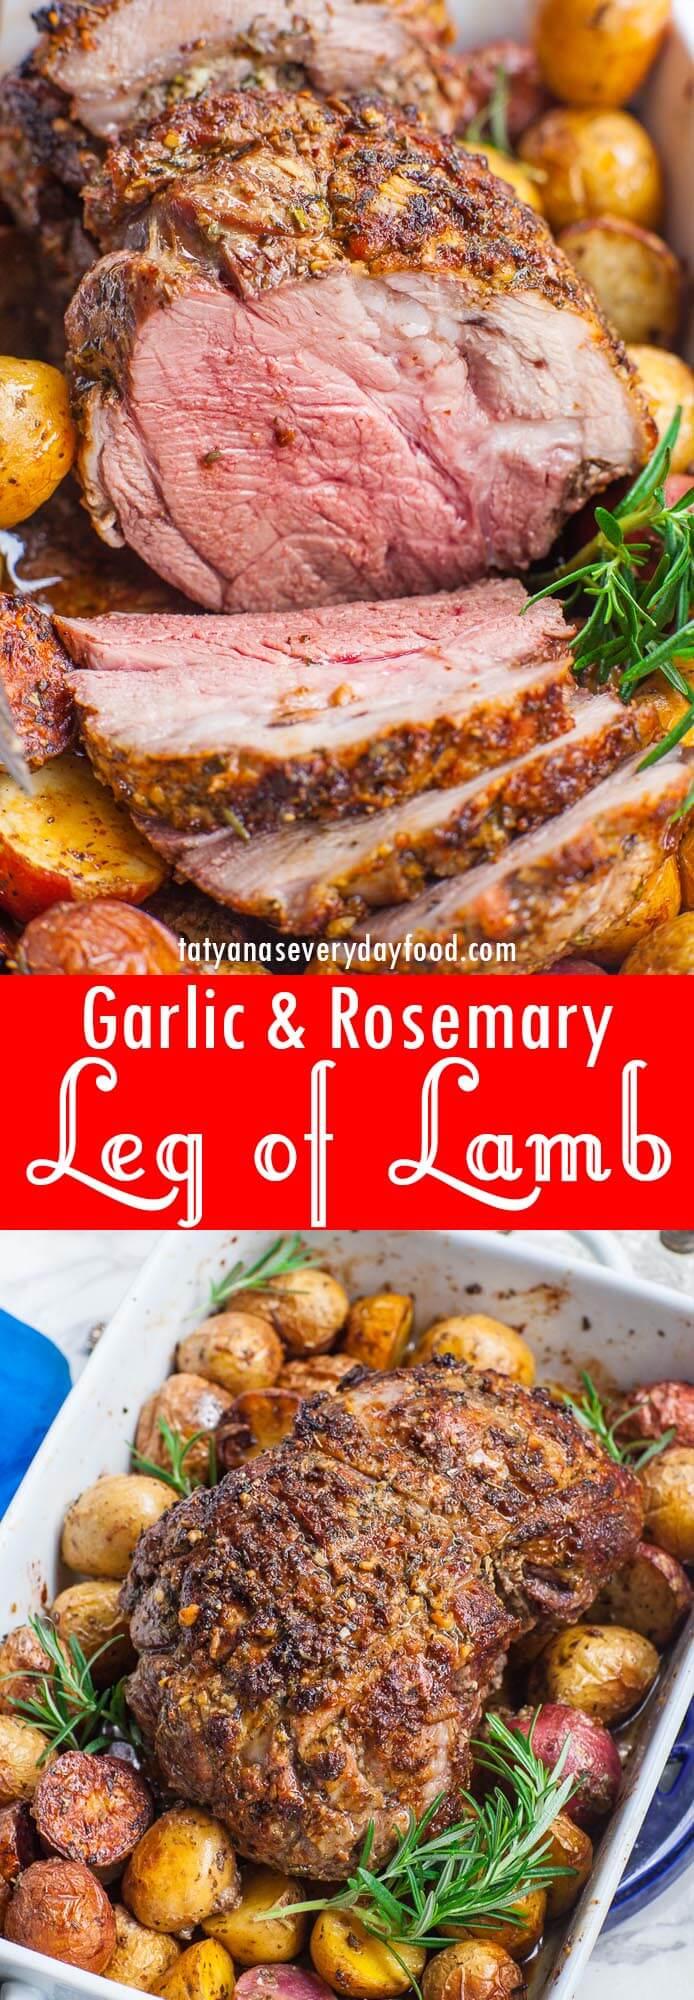 Roasted Leg of Lamb video recipe